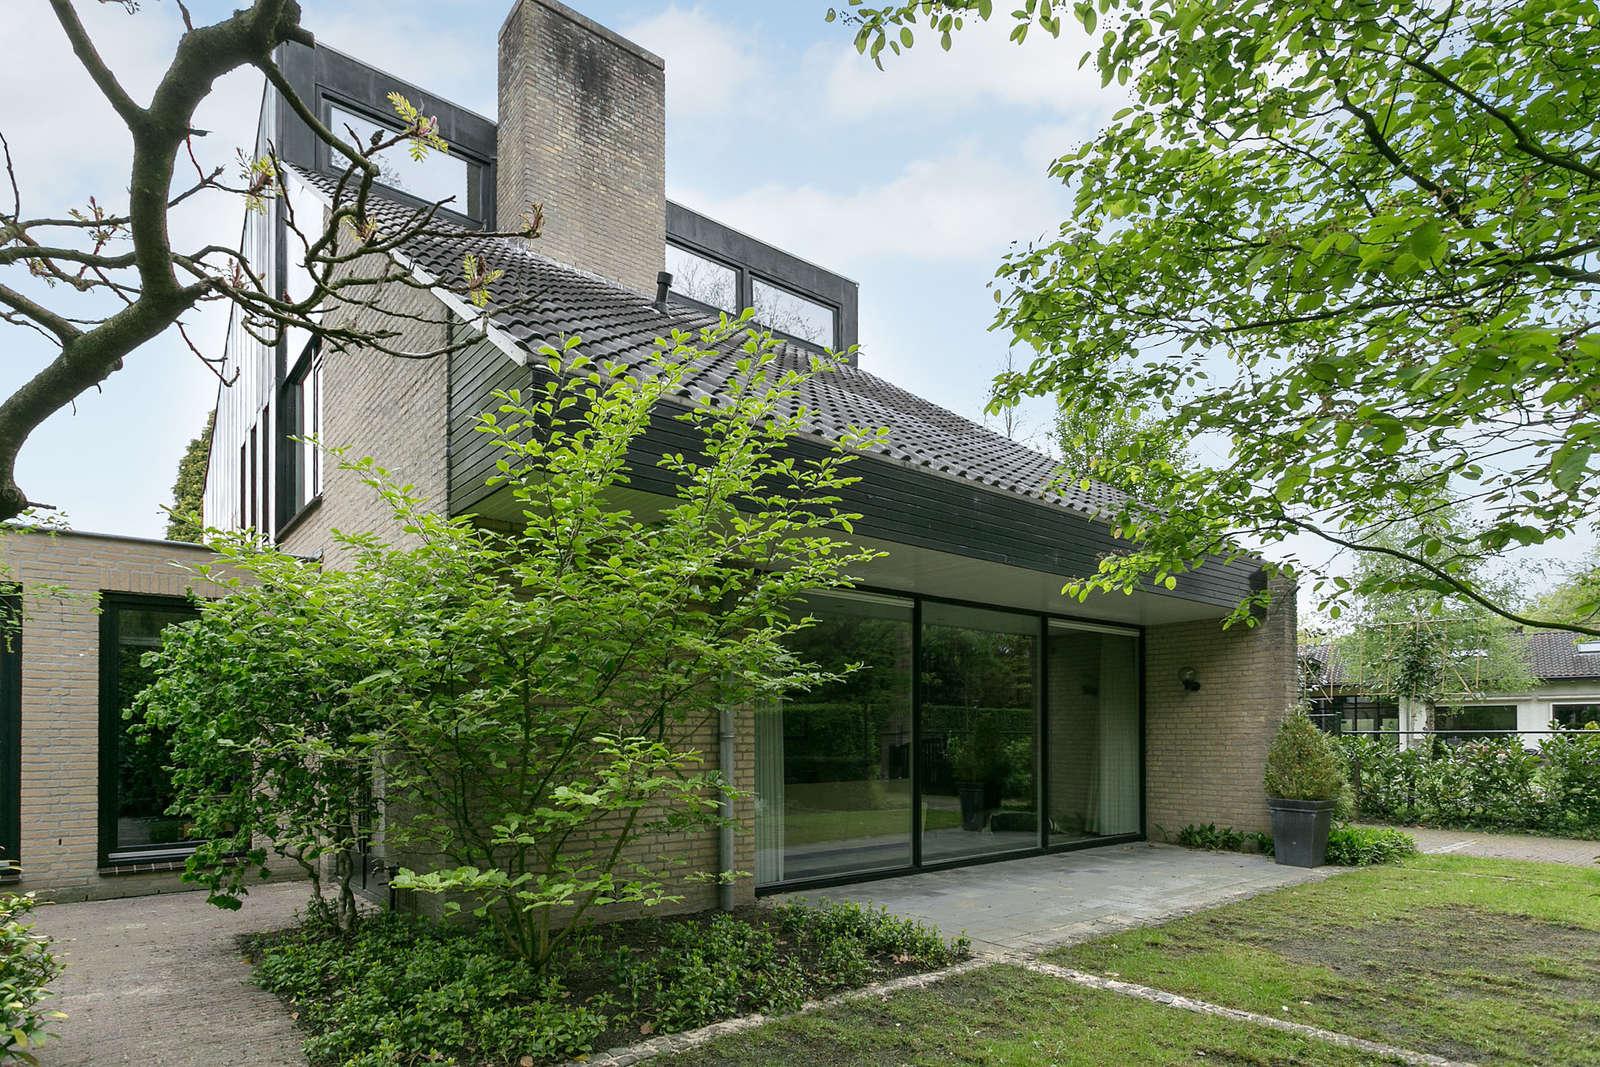 Berkenheuveldreef 23, Villa Vught-Villapark